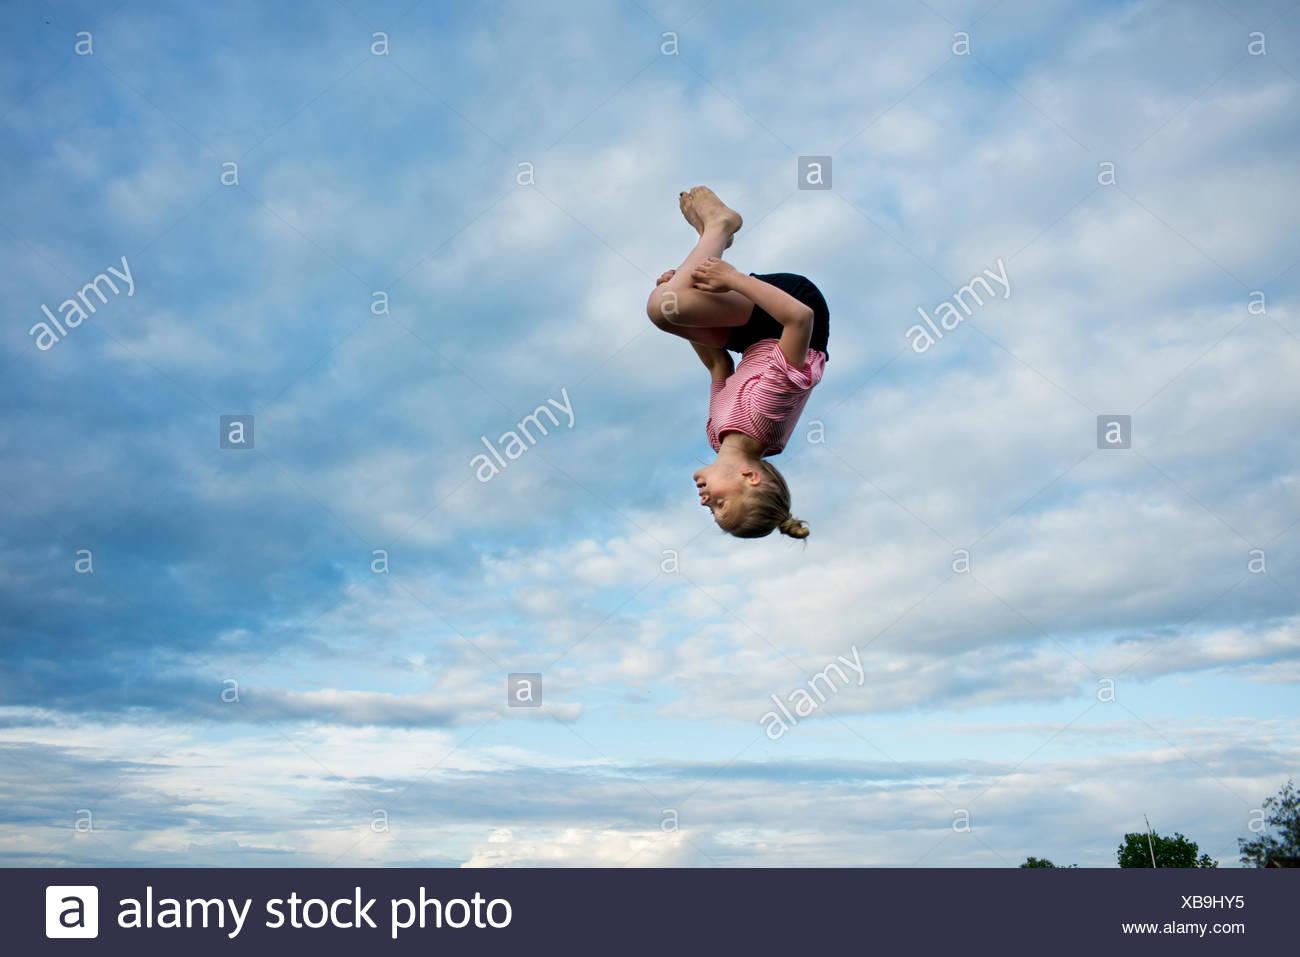 somersault deutsch